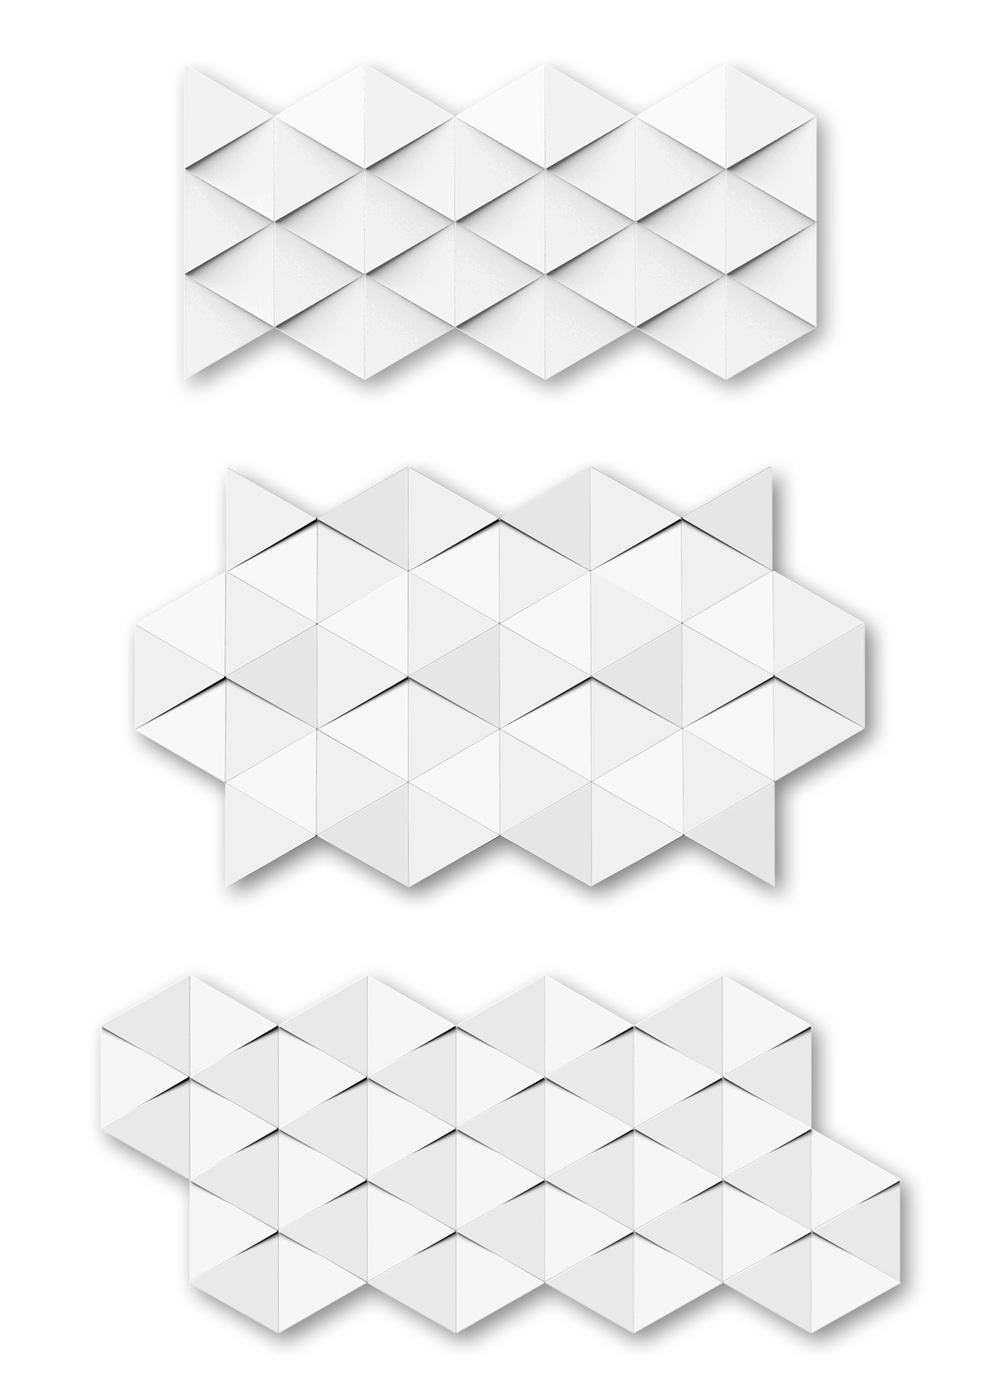 20131025_吸音板模組_001_14. building.jpg